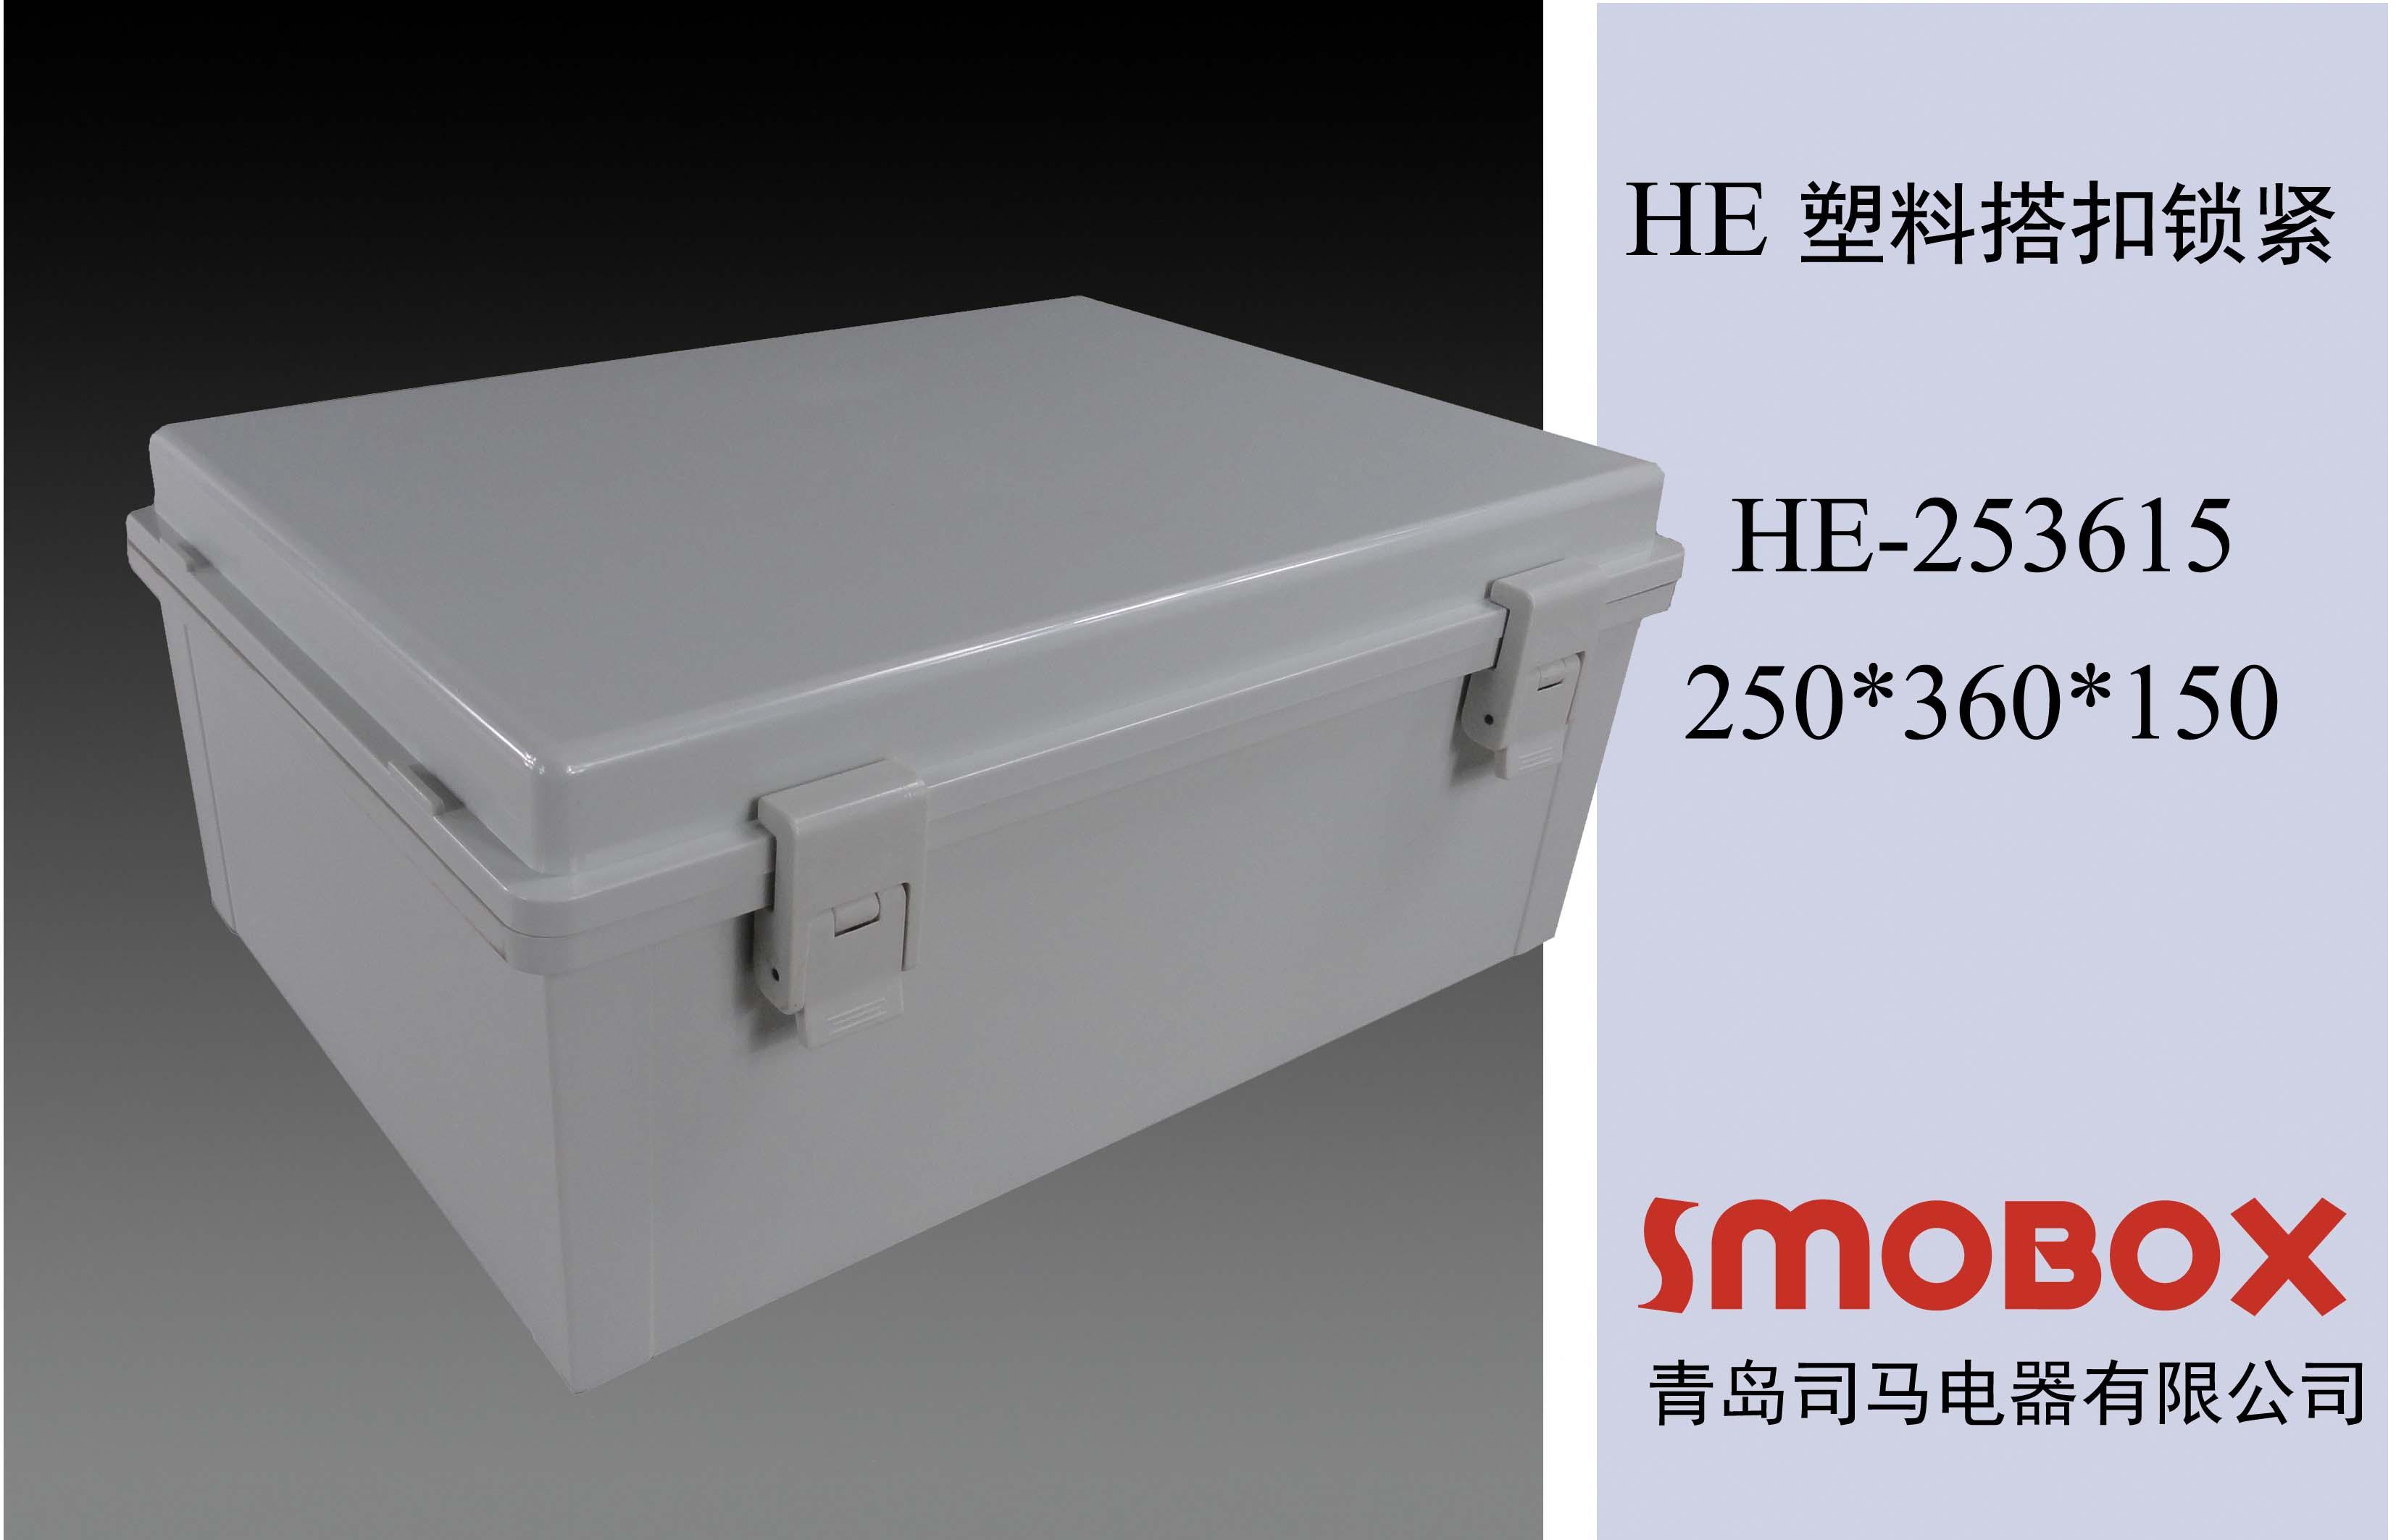 250*360*150塑料接线盒 塑料按钮盒 塑料仪表箱厂家直销 惠州电控箱 中山电箱